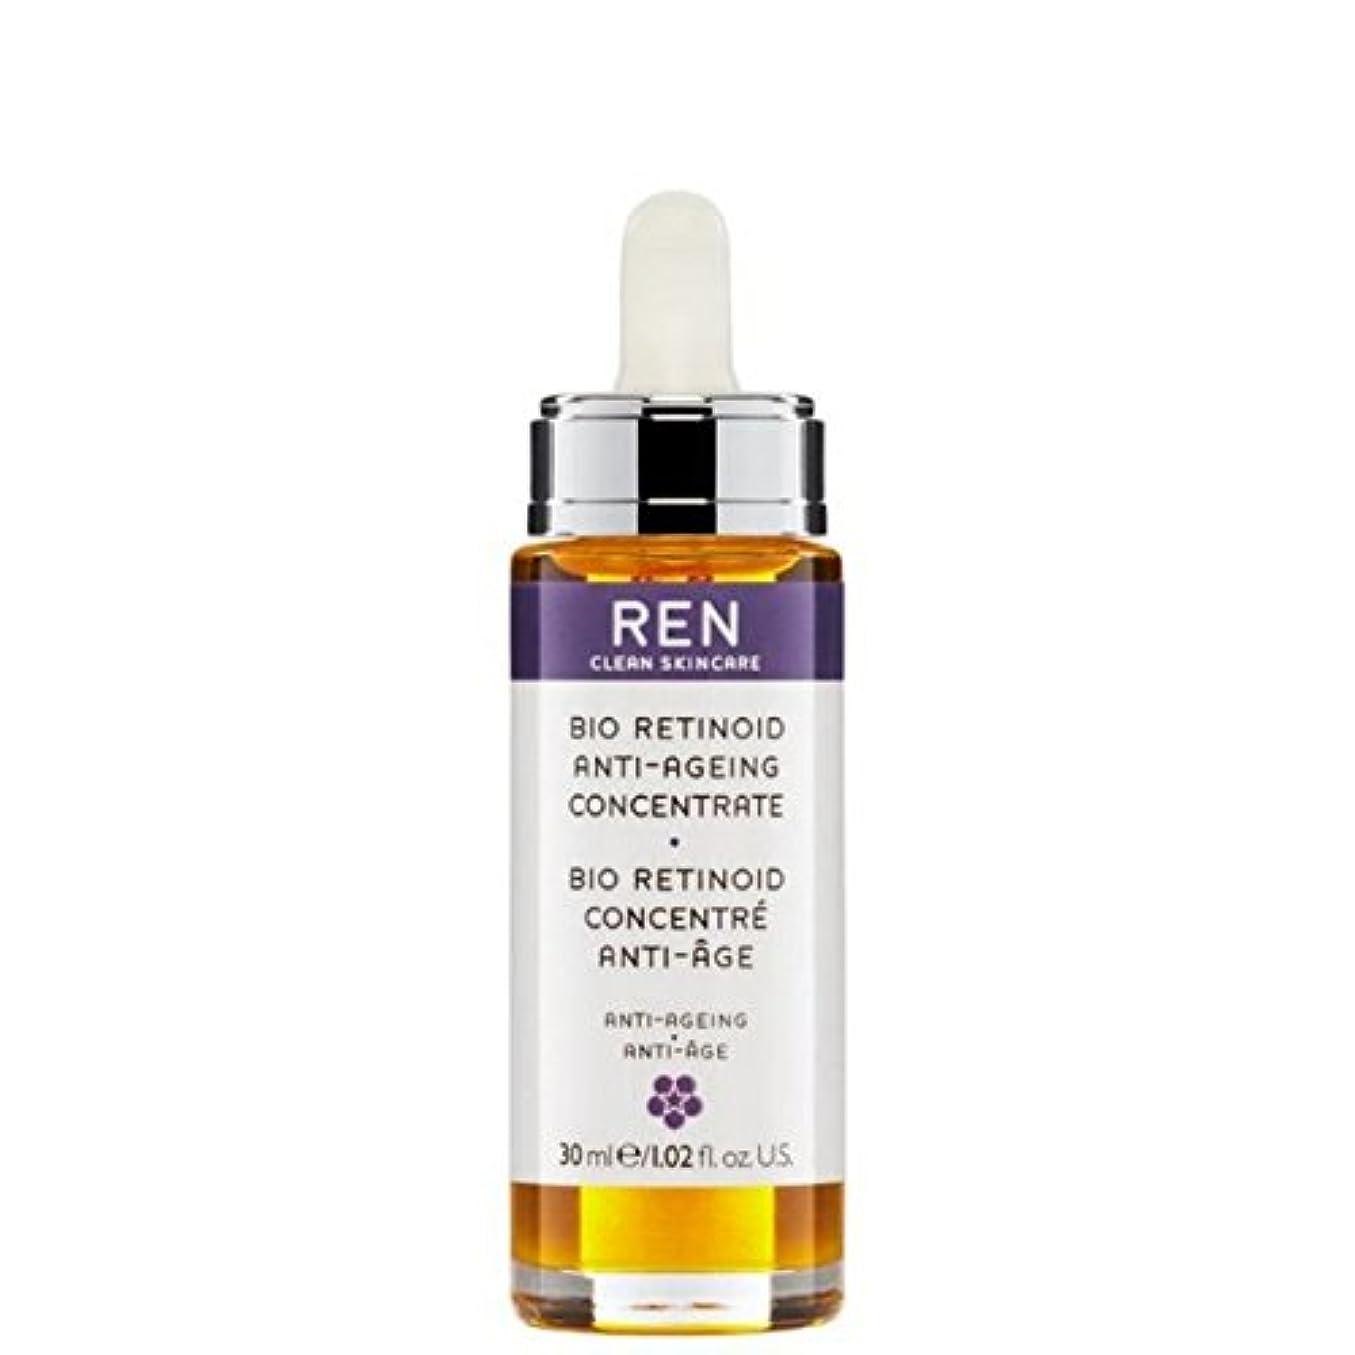 バイオレチノイド抗しわ濃縮油 x4 - REN Bio Retinoid Anti-Wrinkle Concentrate Oil (Pack of 4) [並行輸入品]